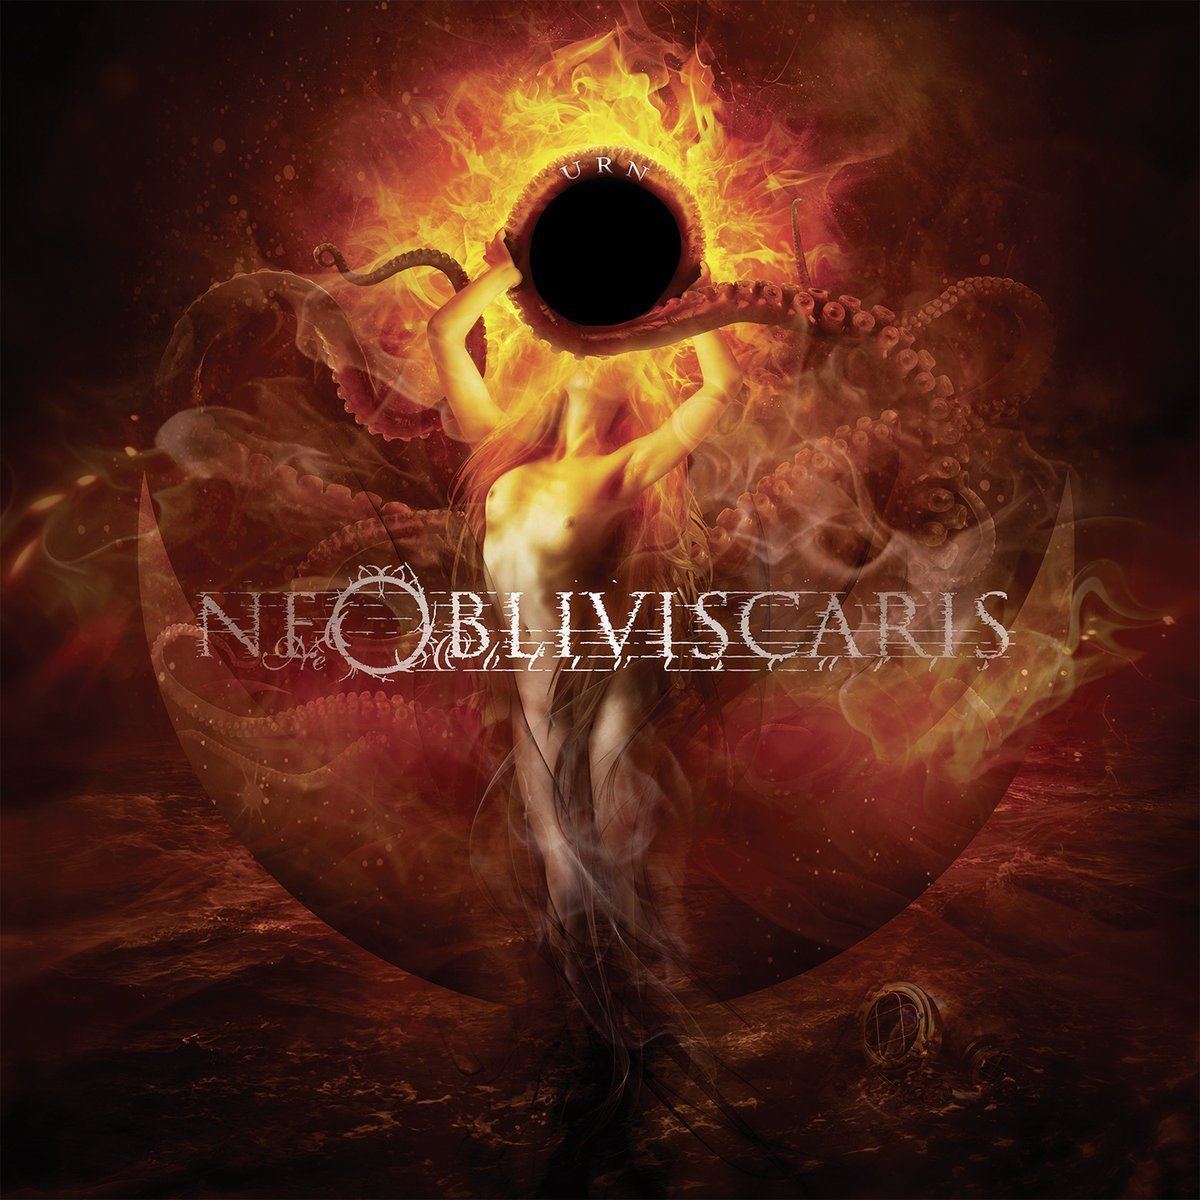 Ne Obliviscaris – Urn